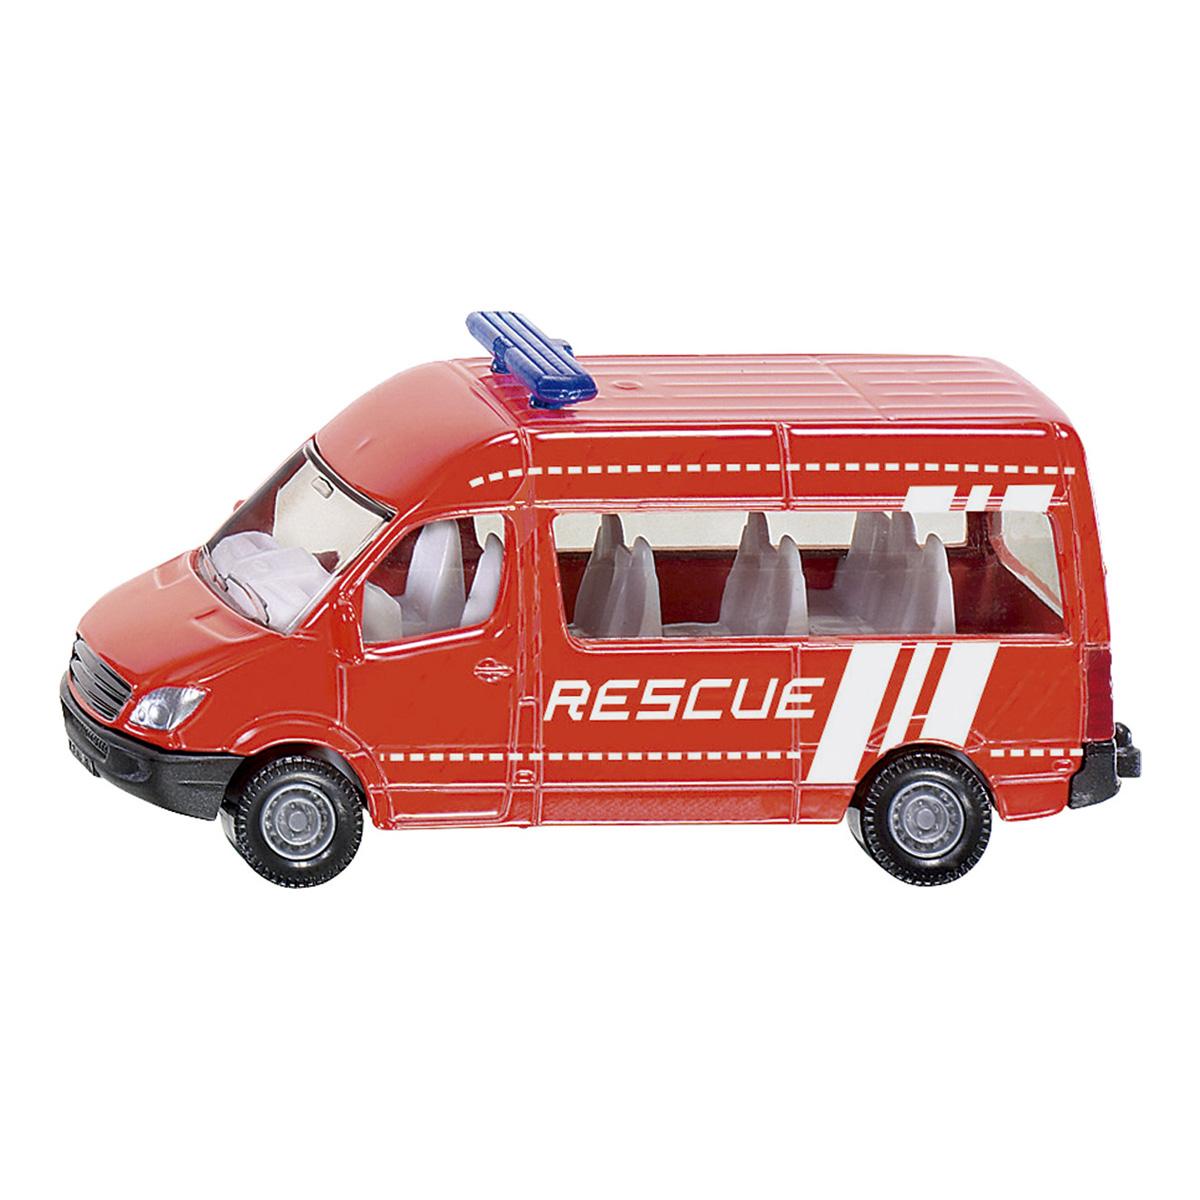 【在庫限り】救急指令車 (ジク・SIKU)